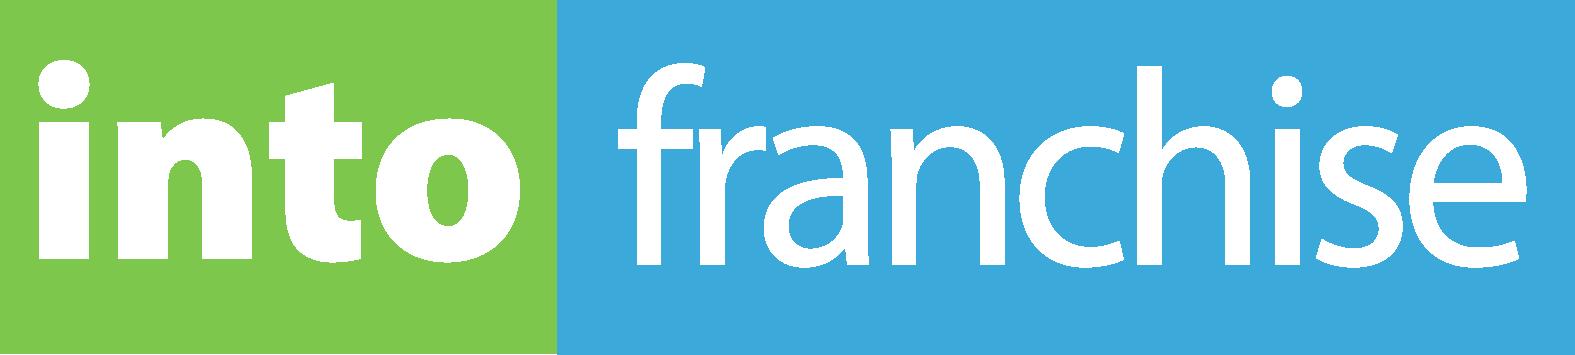 INTO franchise logo